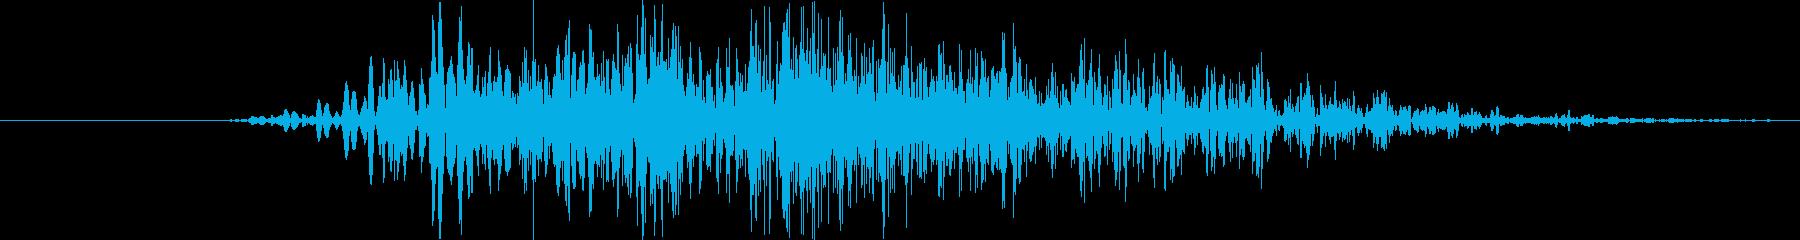 モンスター:クイックローリングスナ...の再生済みの波形